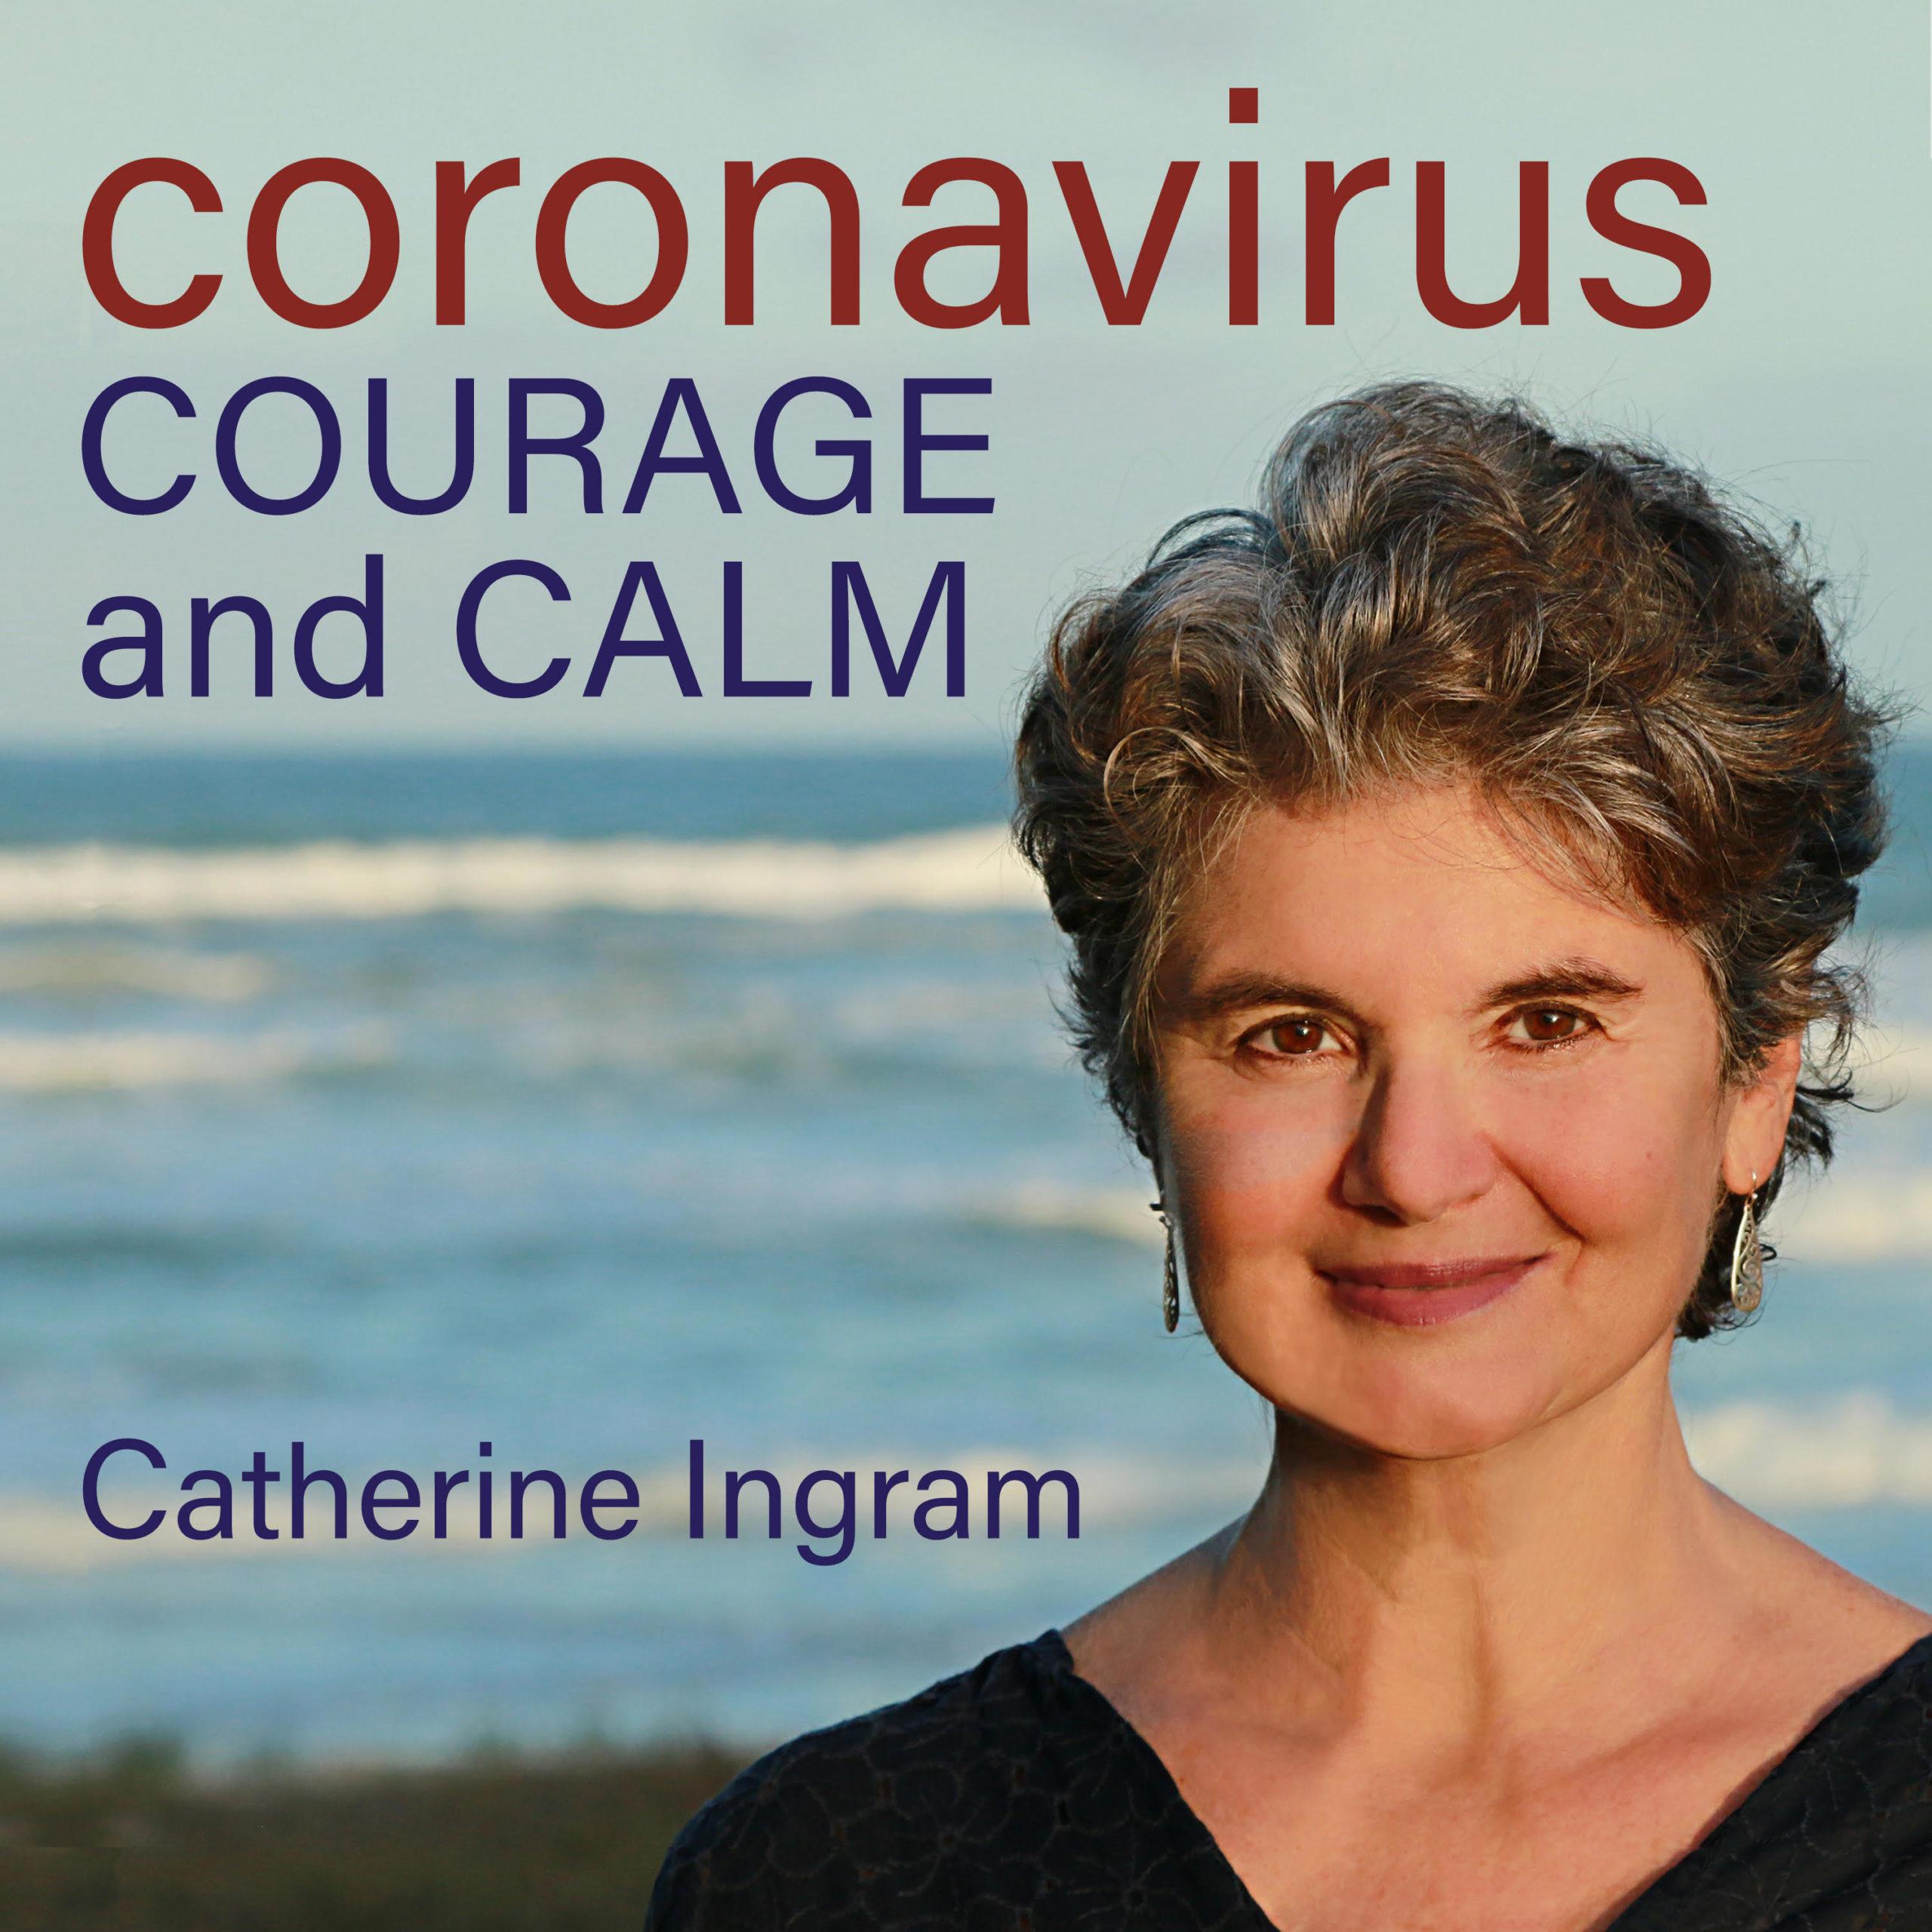 Coronavirus Courage and Calm